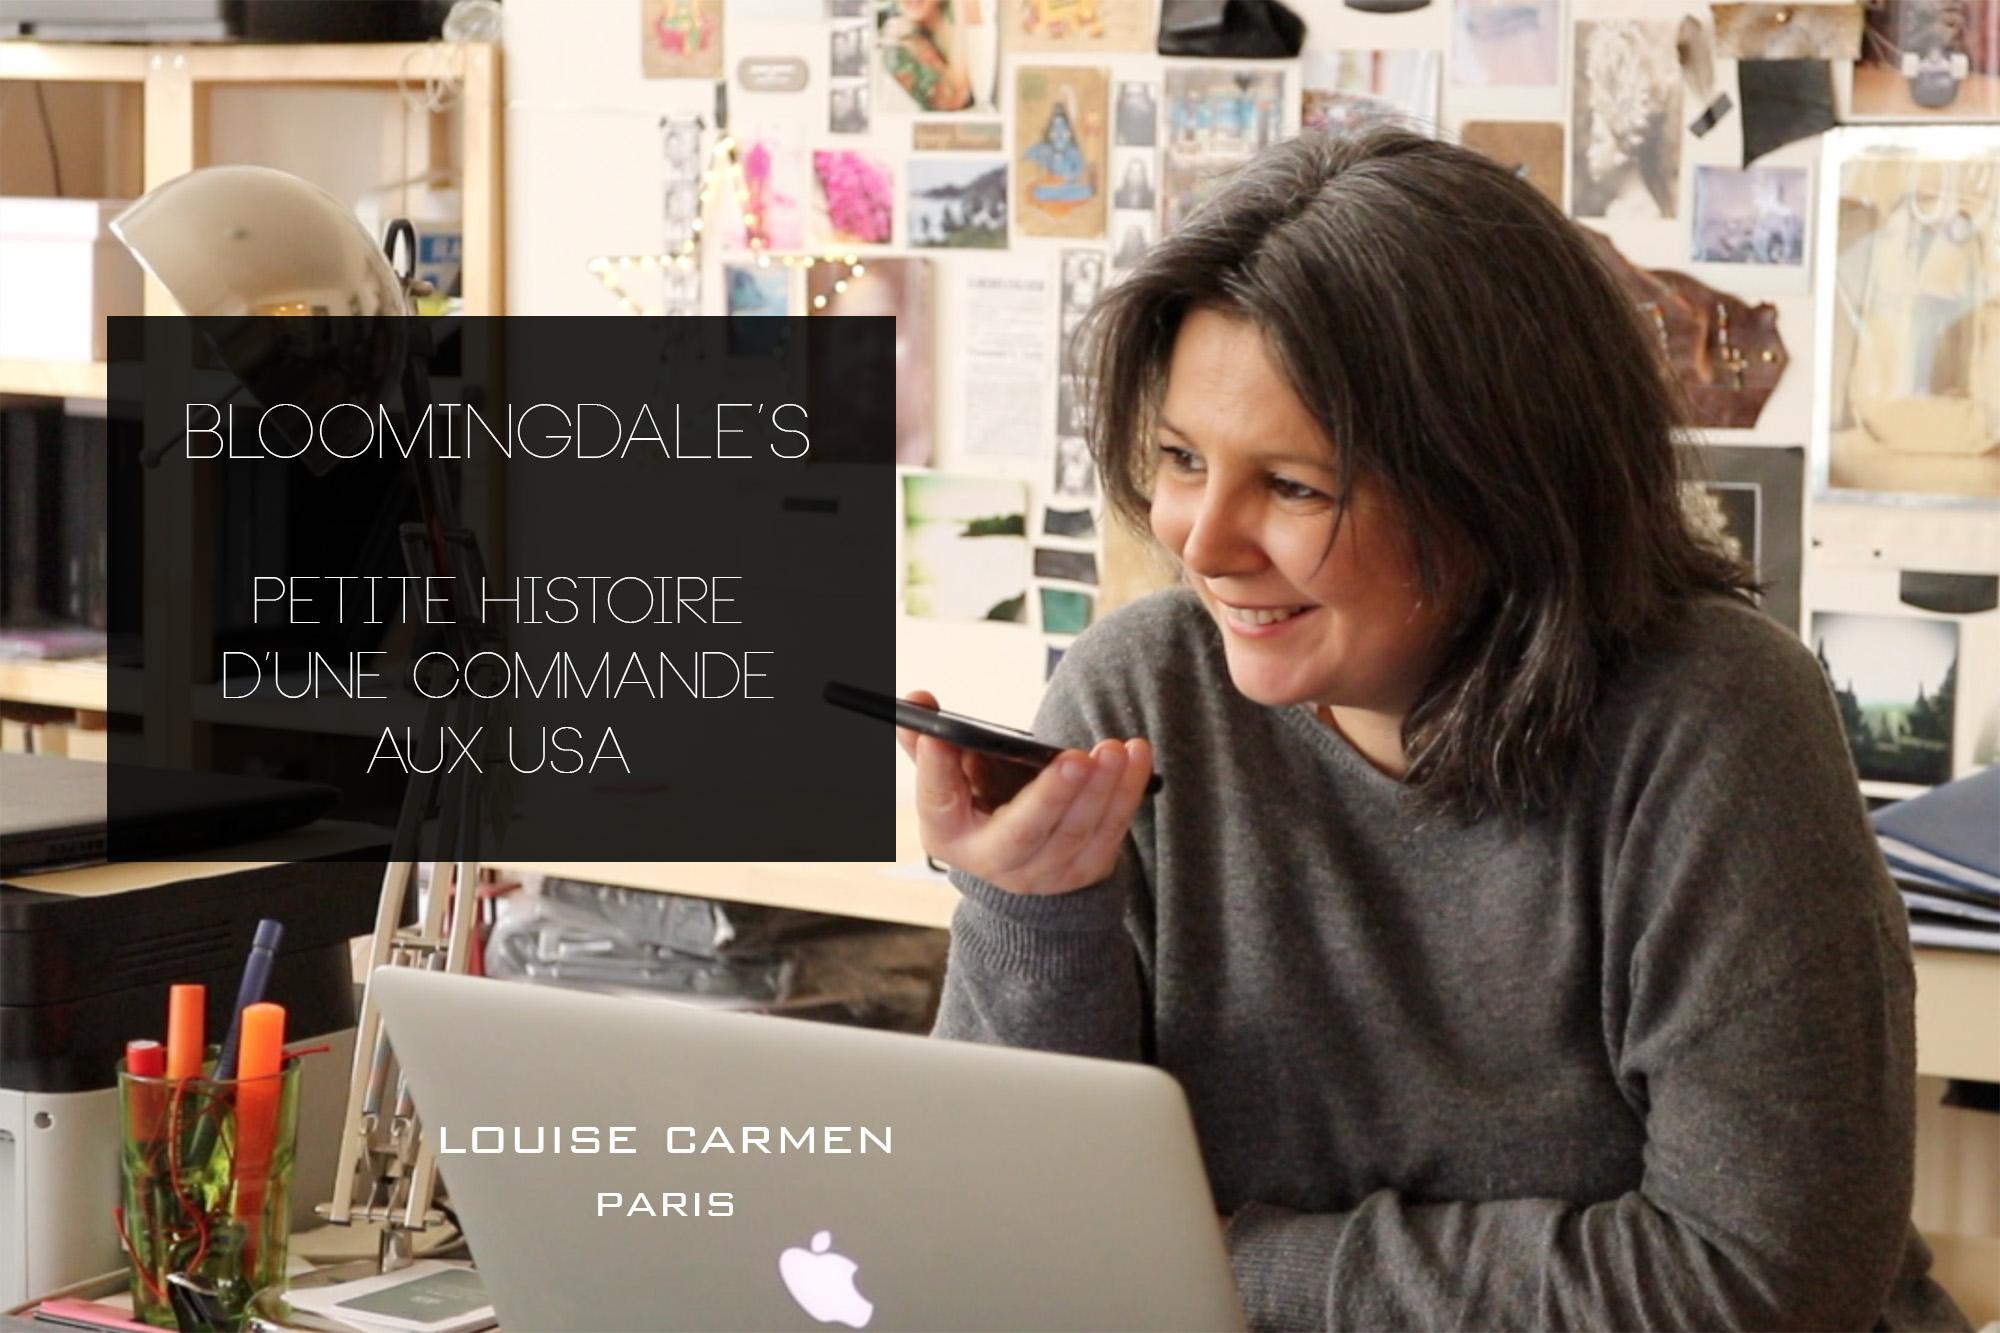 Bloomingdale's et Louise Carmen Paris